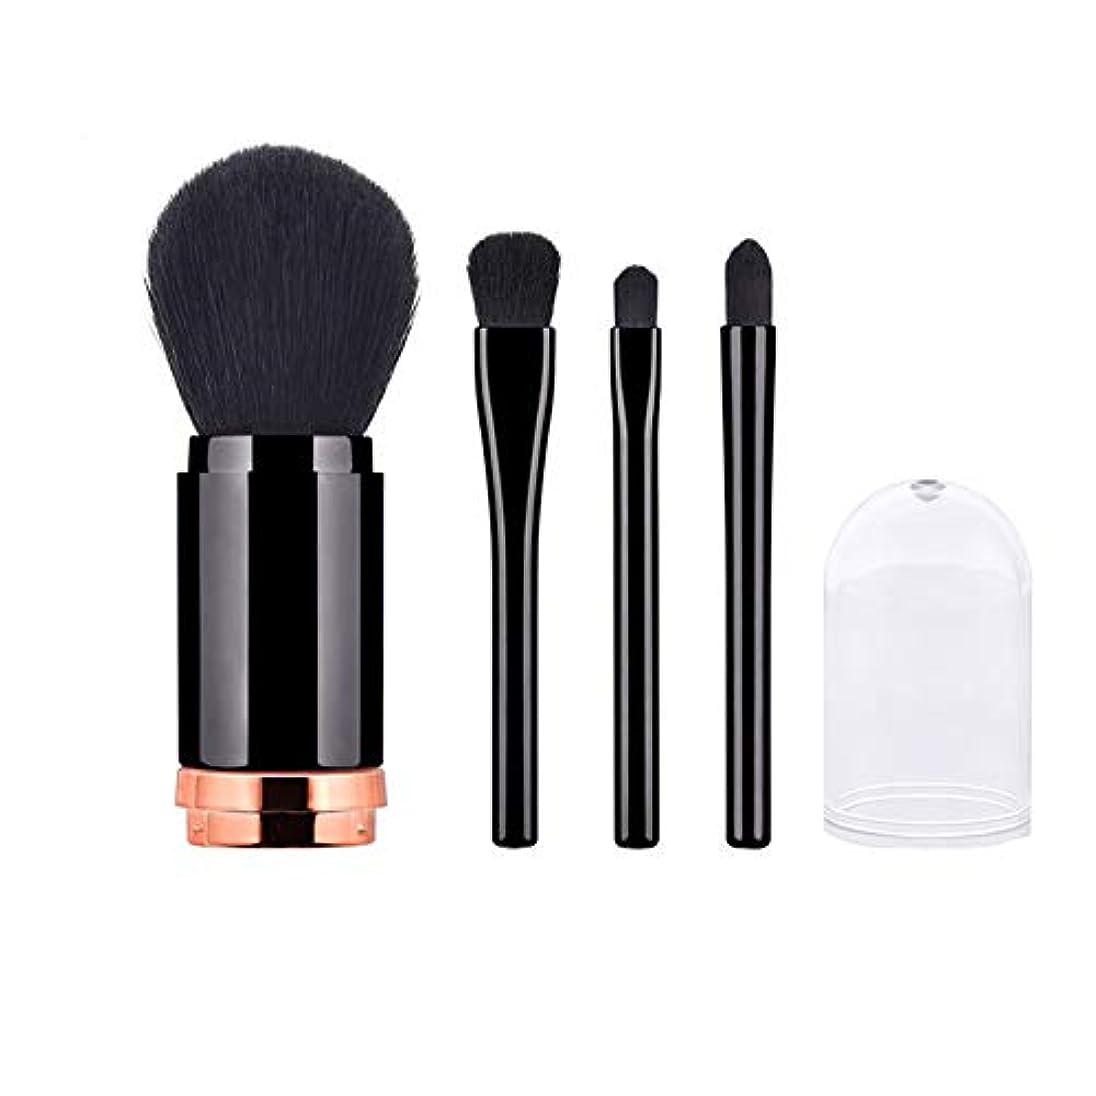 ドレス吸収するマーキー1女性に付き4引き込み式の柔らかい基礎粉の構造のブラシ化粧品用具 - 黒